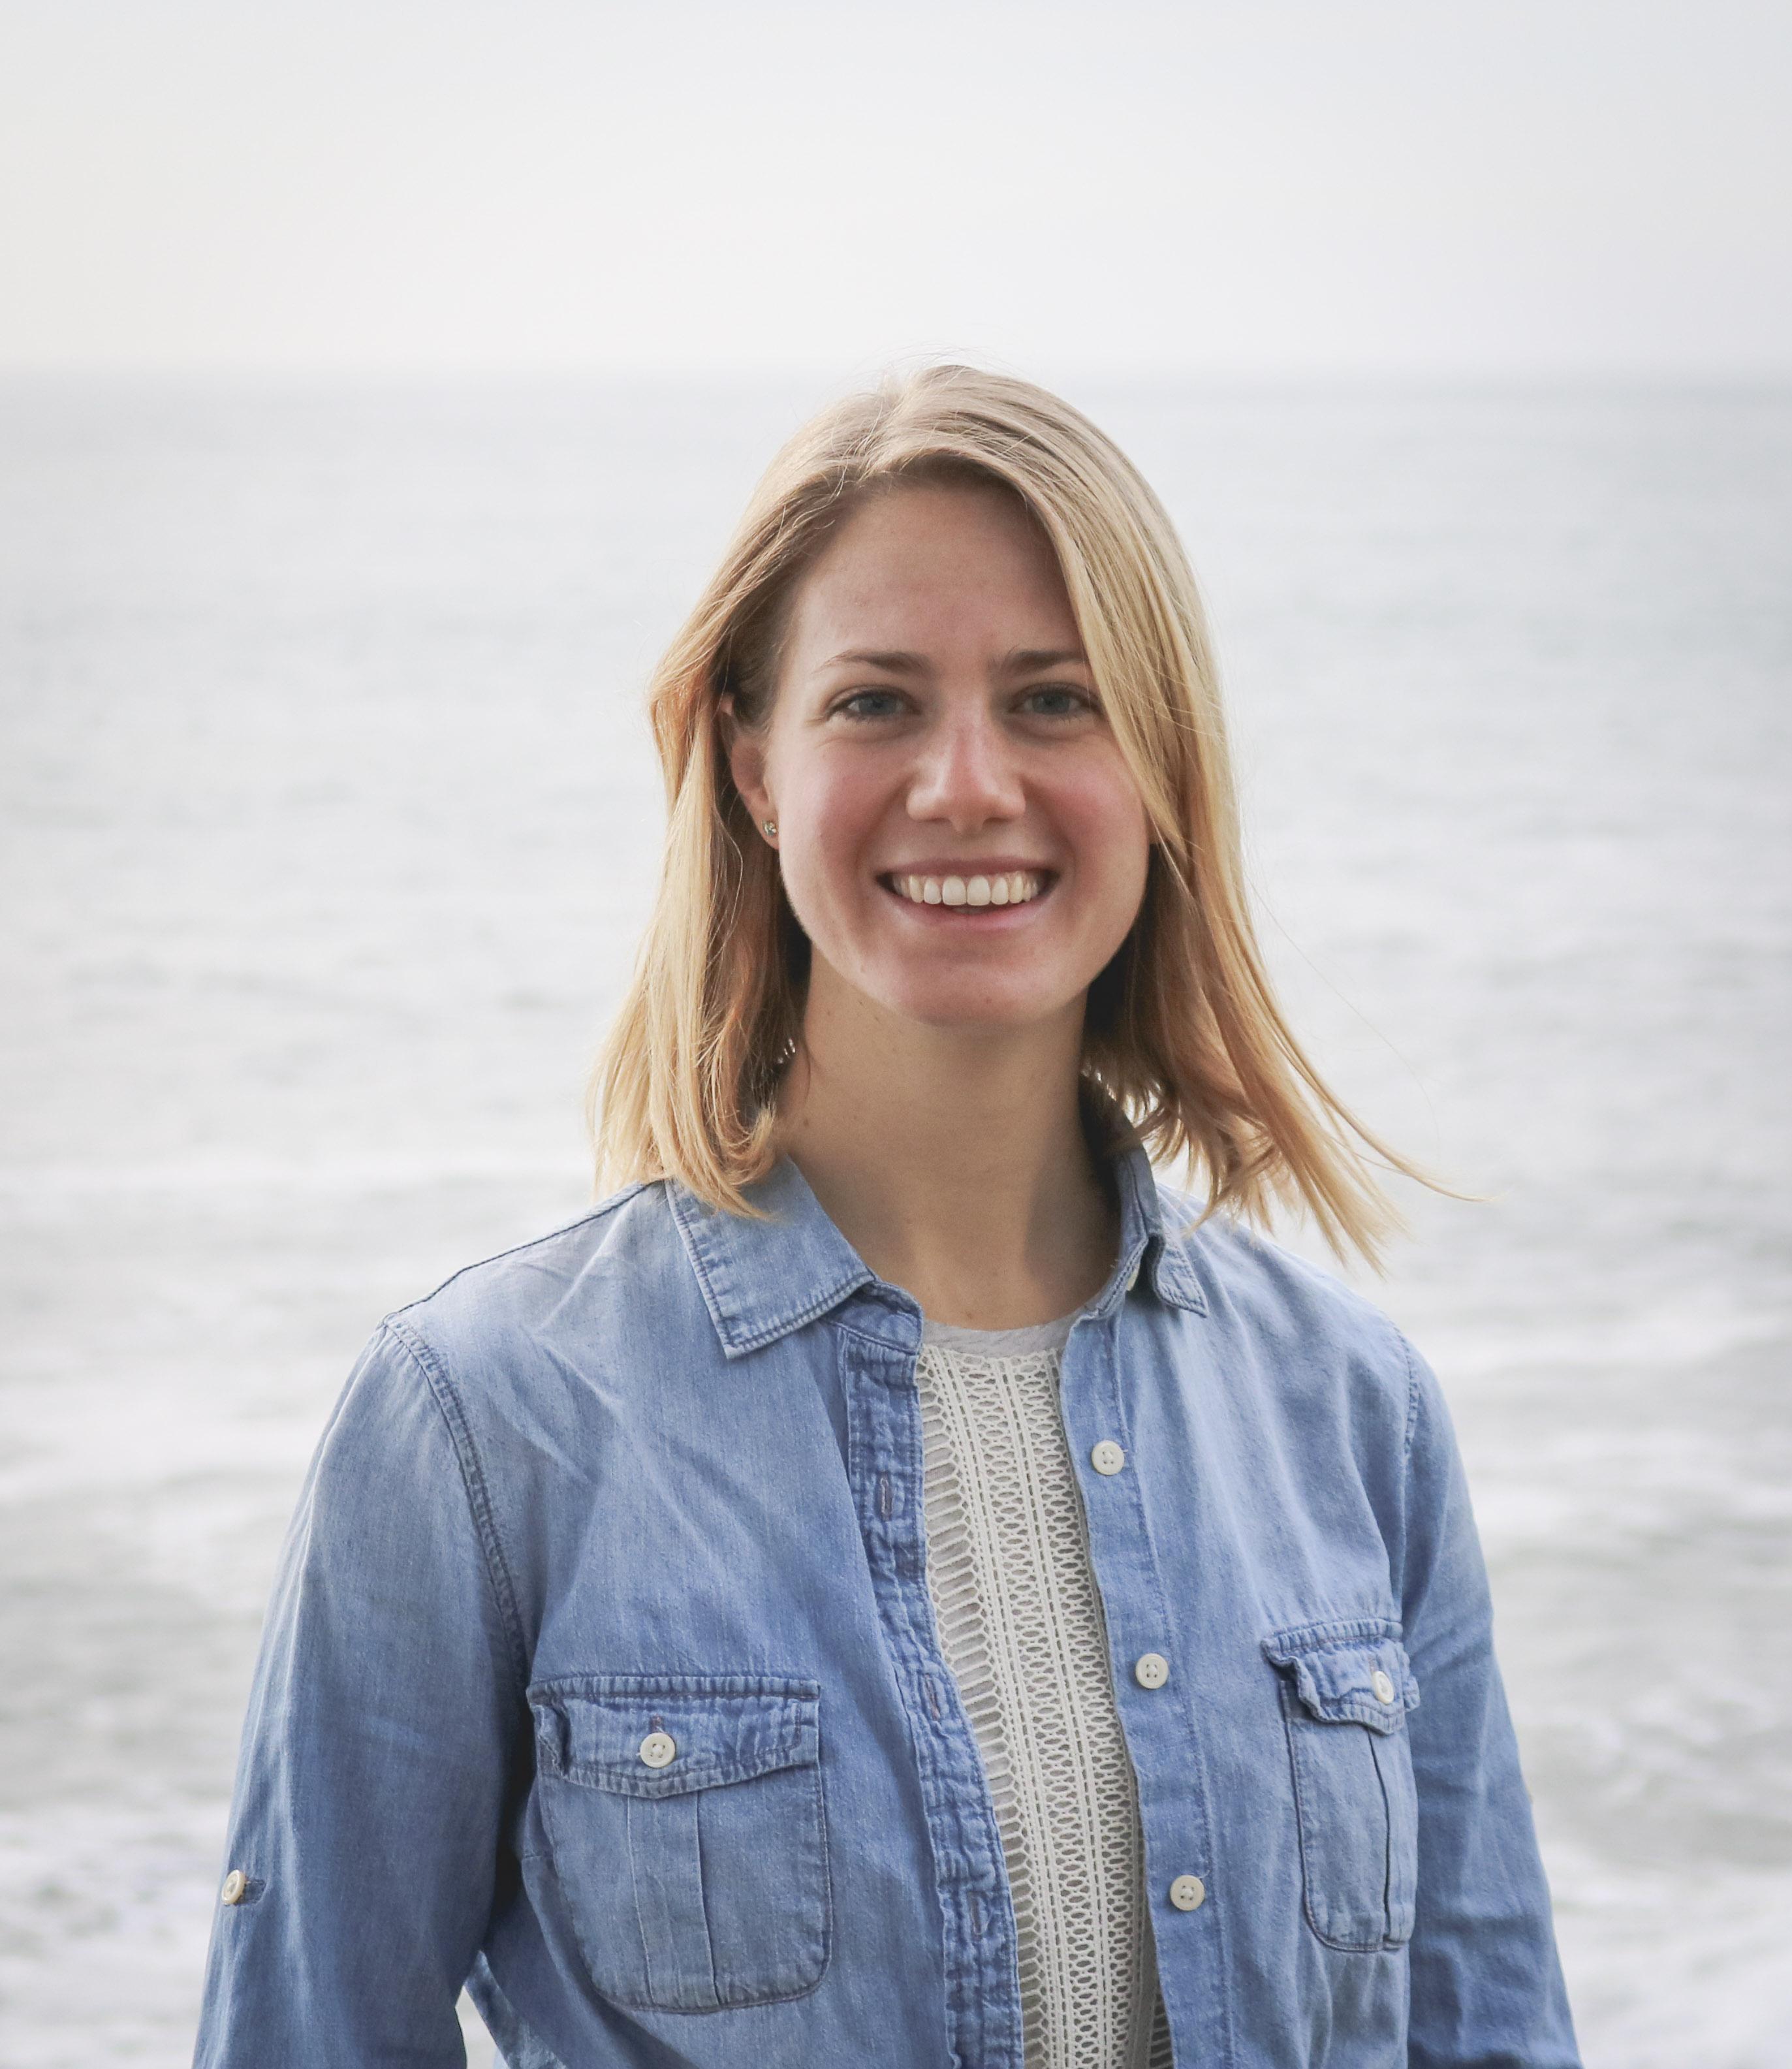 Christie Hegermiller